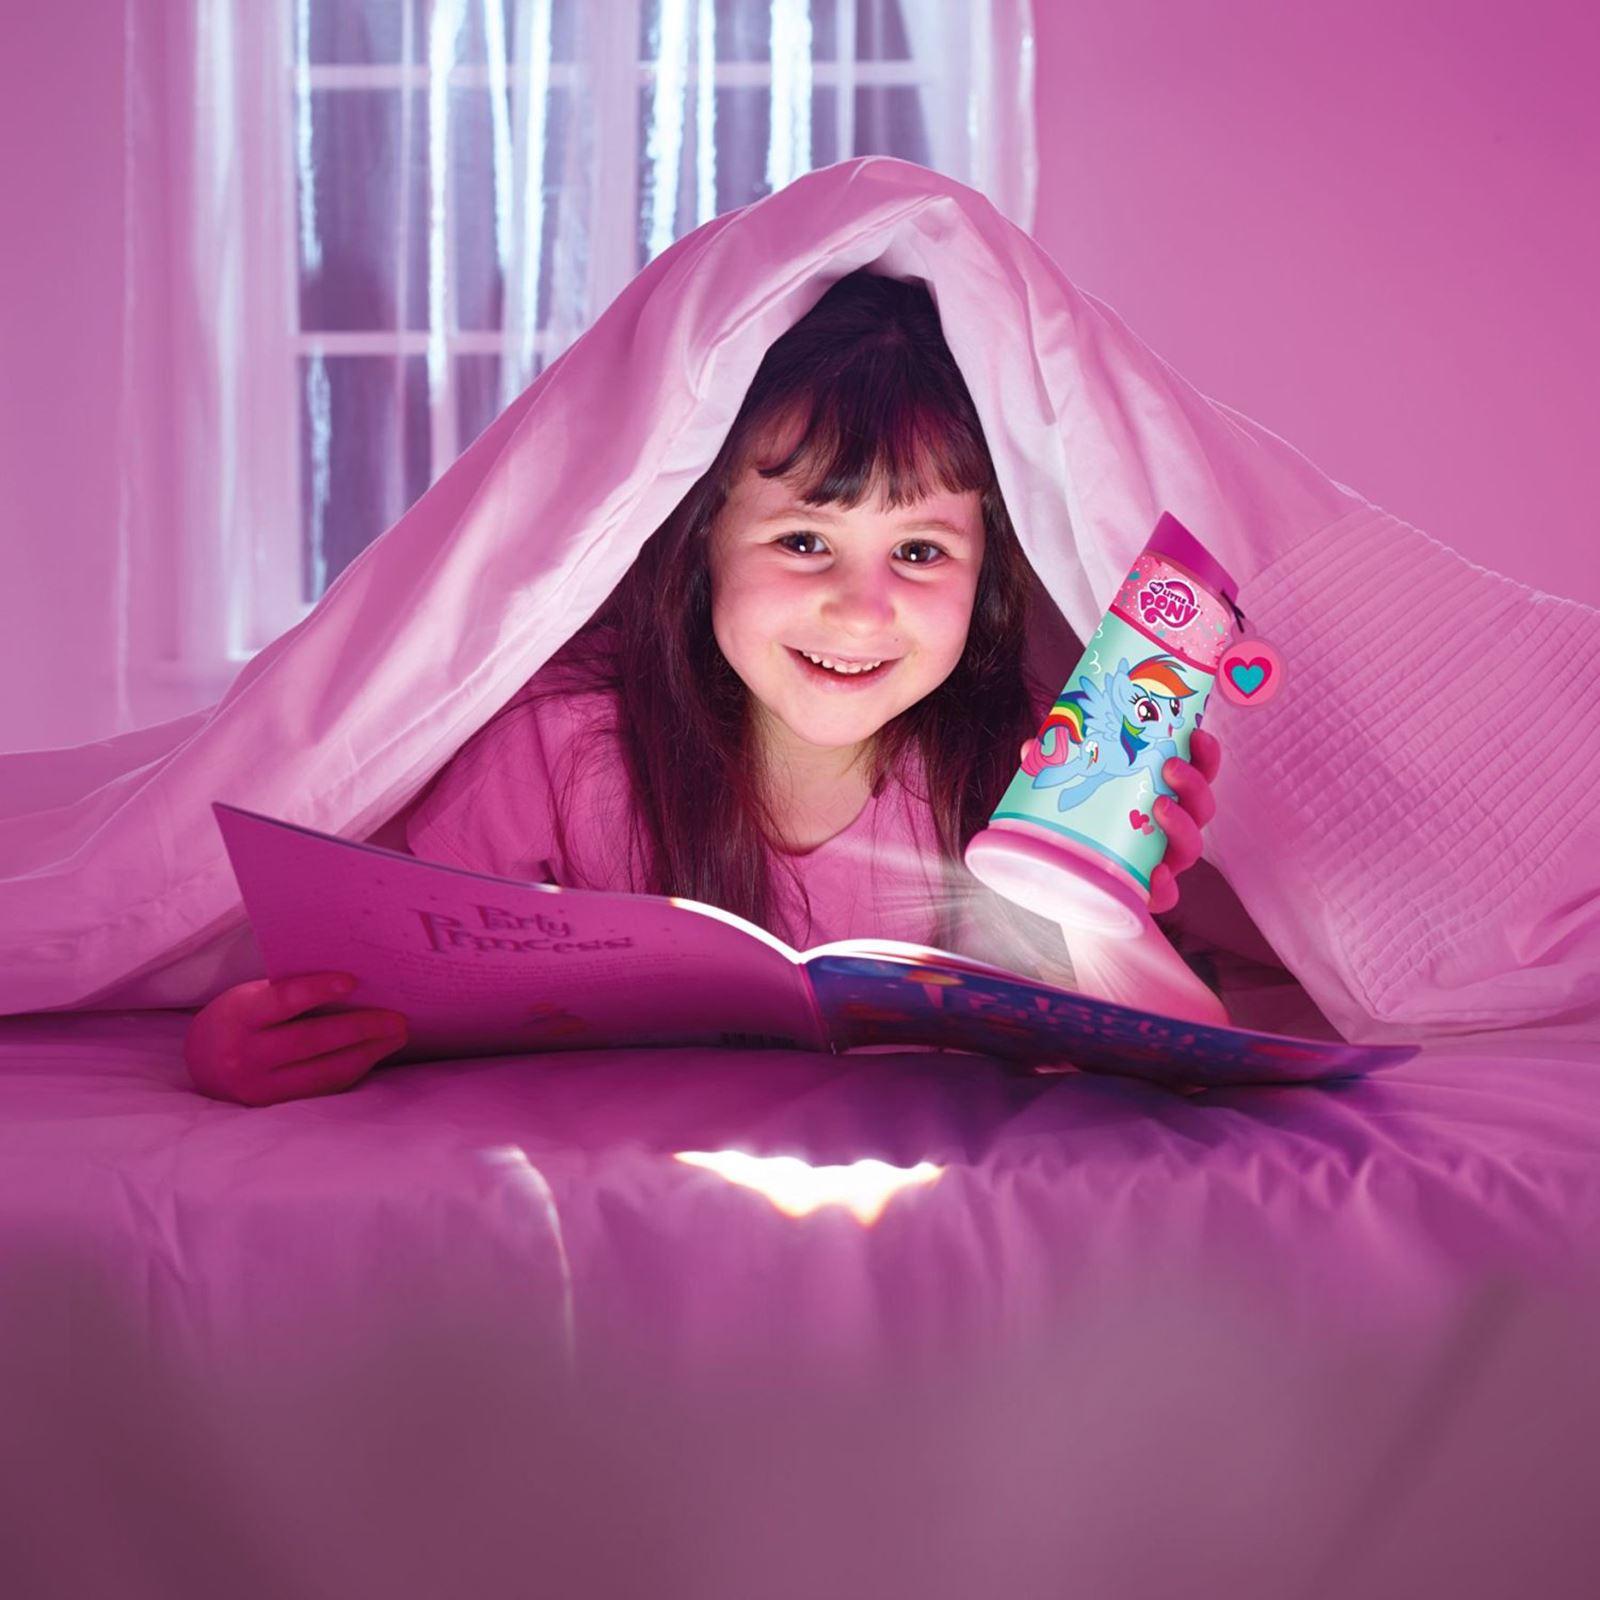 Indexbild 55 - Go Glow Nacht Beam Kipp Torch Beleuchtung Licht Kinder Schlafzimmer